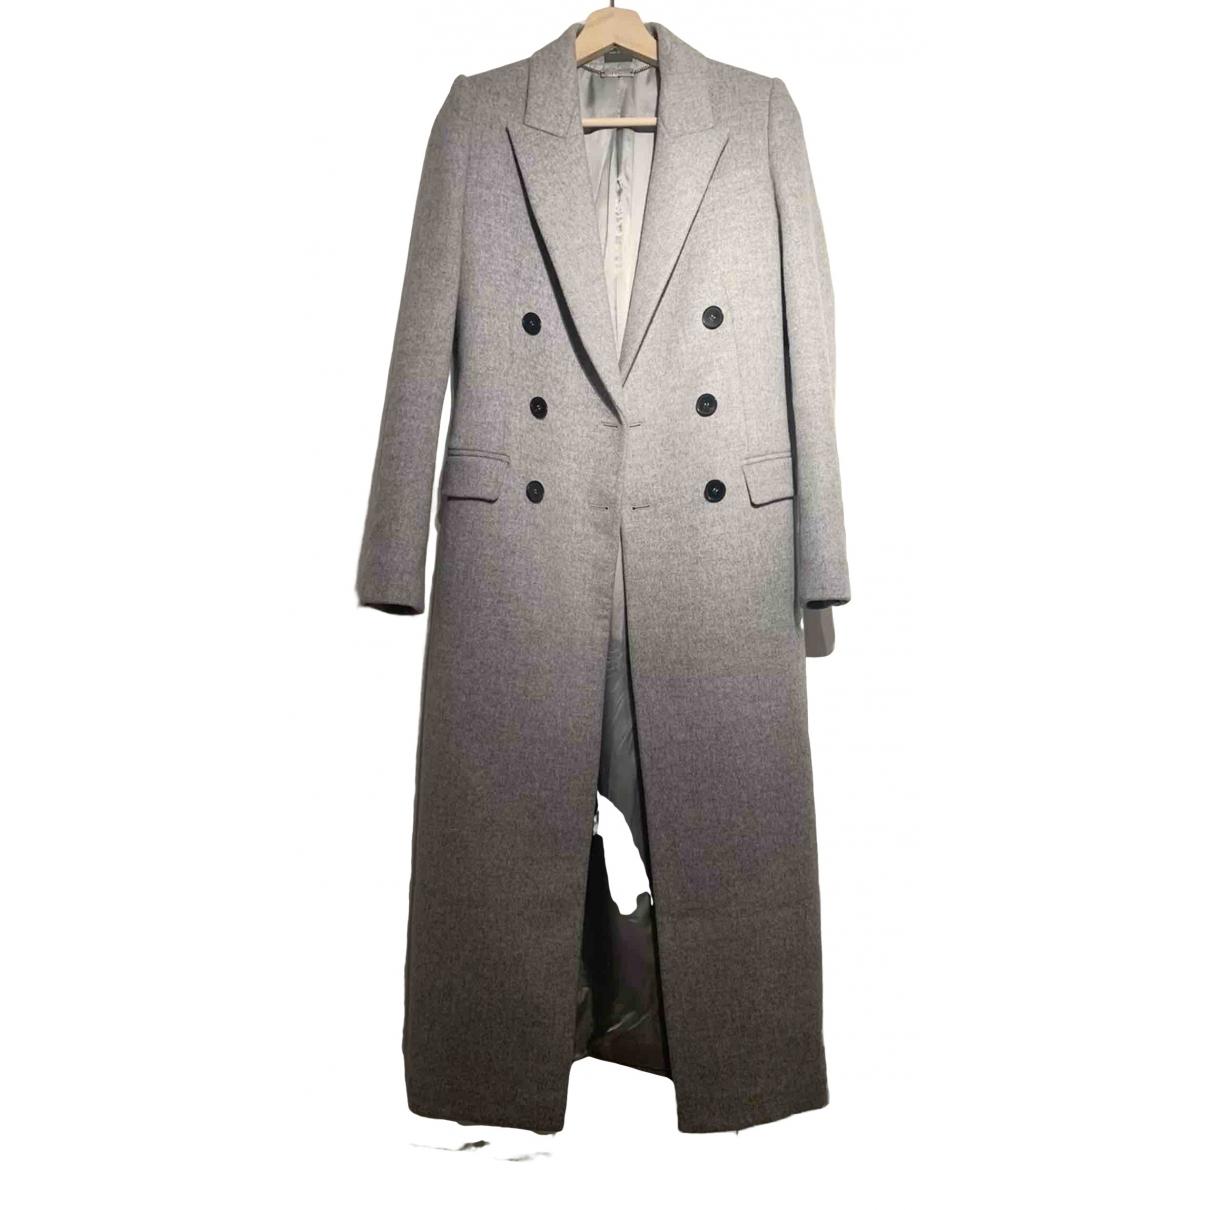 Alexander Mcqueen \N Grey Wool coat for Women 38 IT